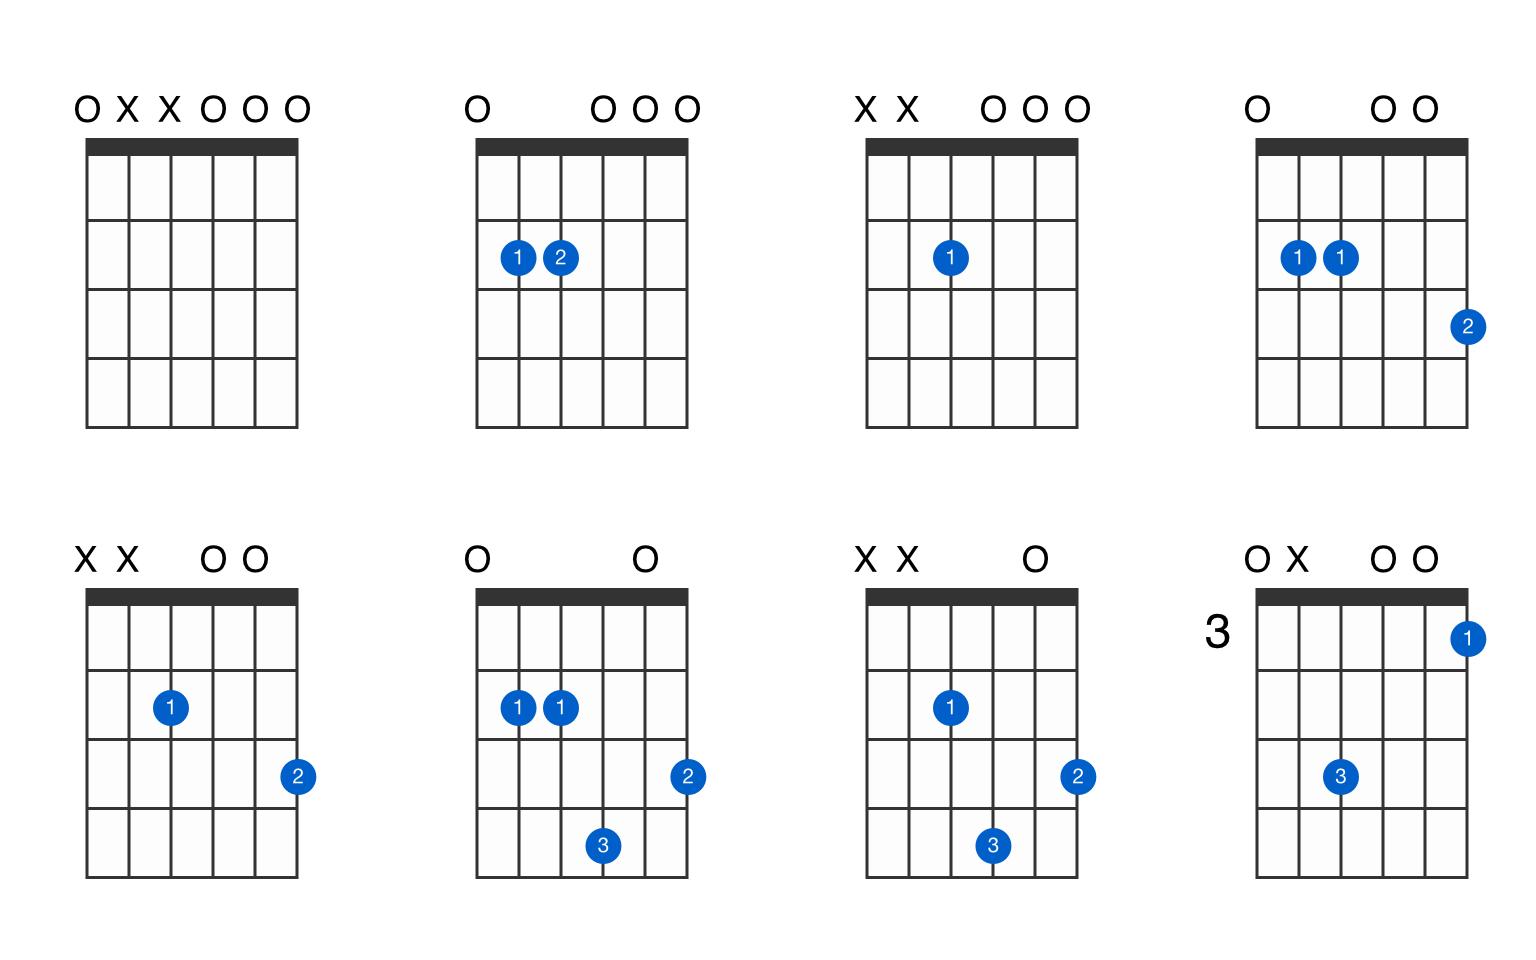 E minor guitar chord   GtrLib Chords